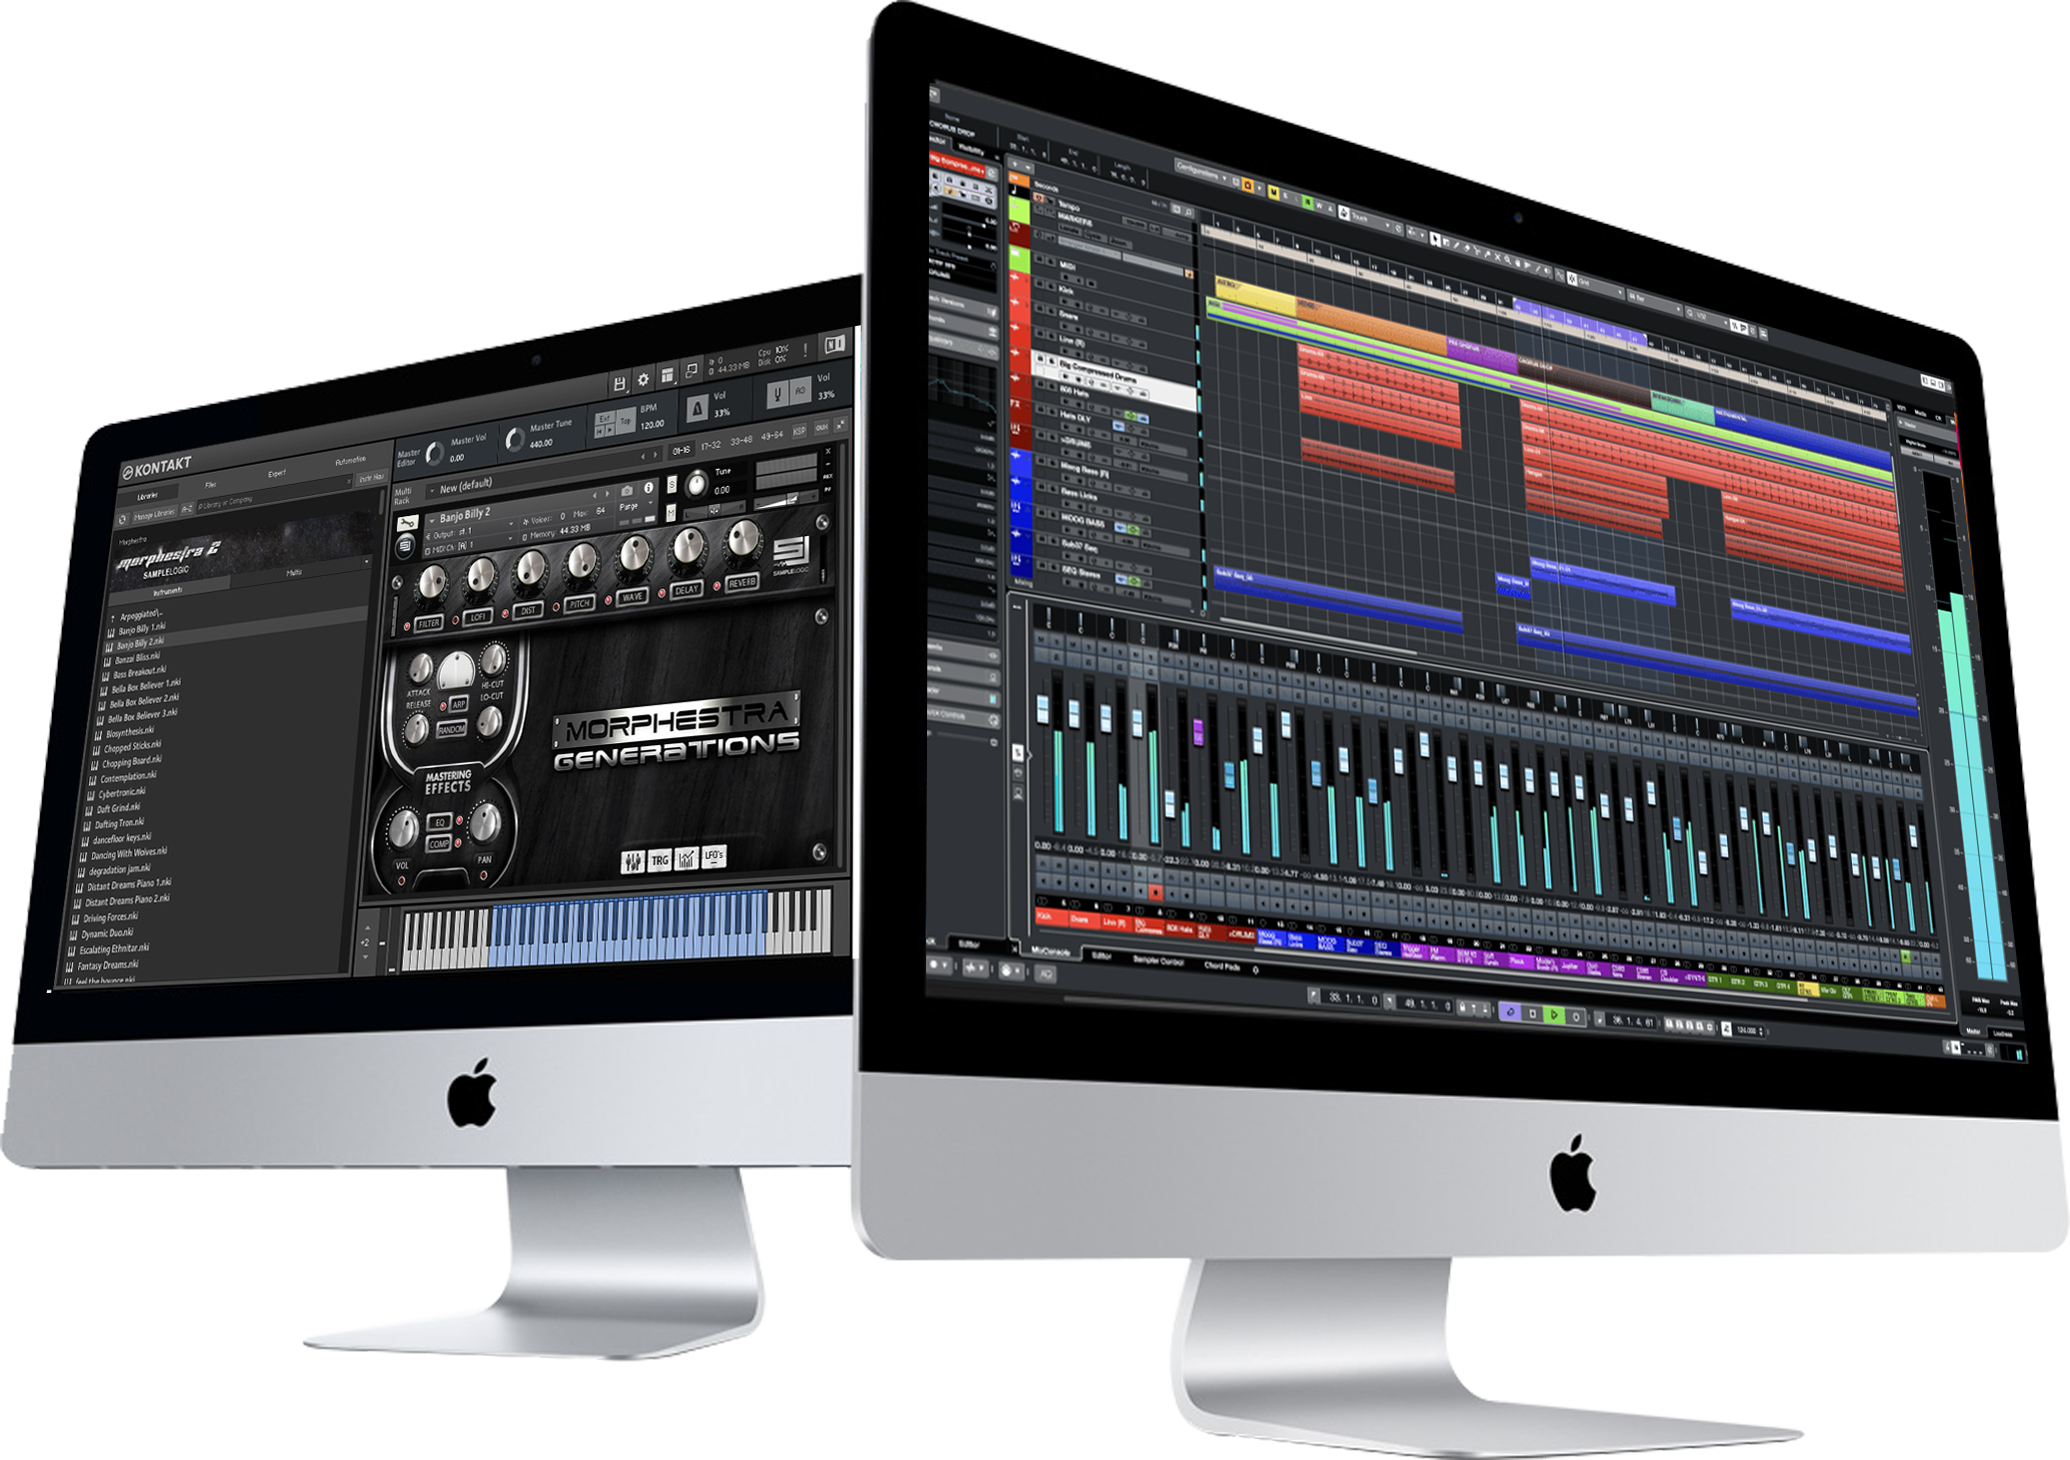 MIDI аксессуары / Музыкальное програмное обеспечение Артикул 598135831842